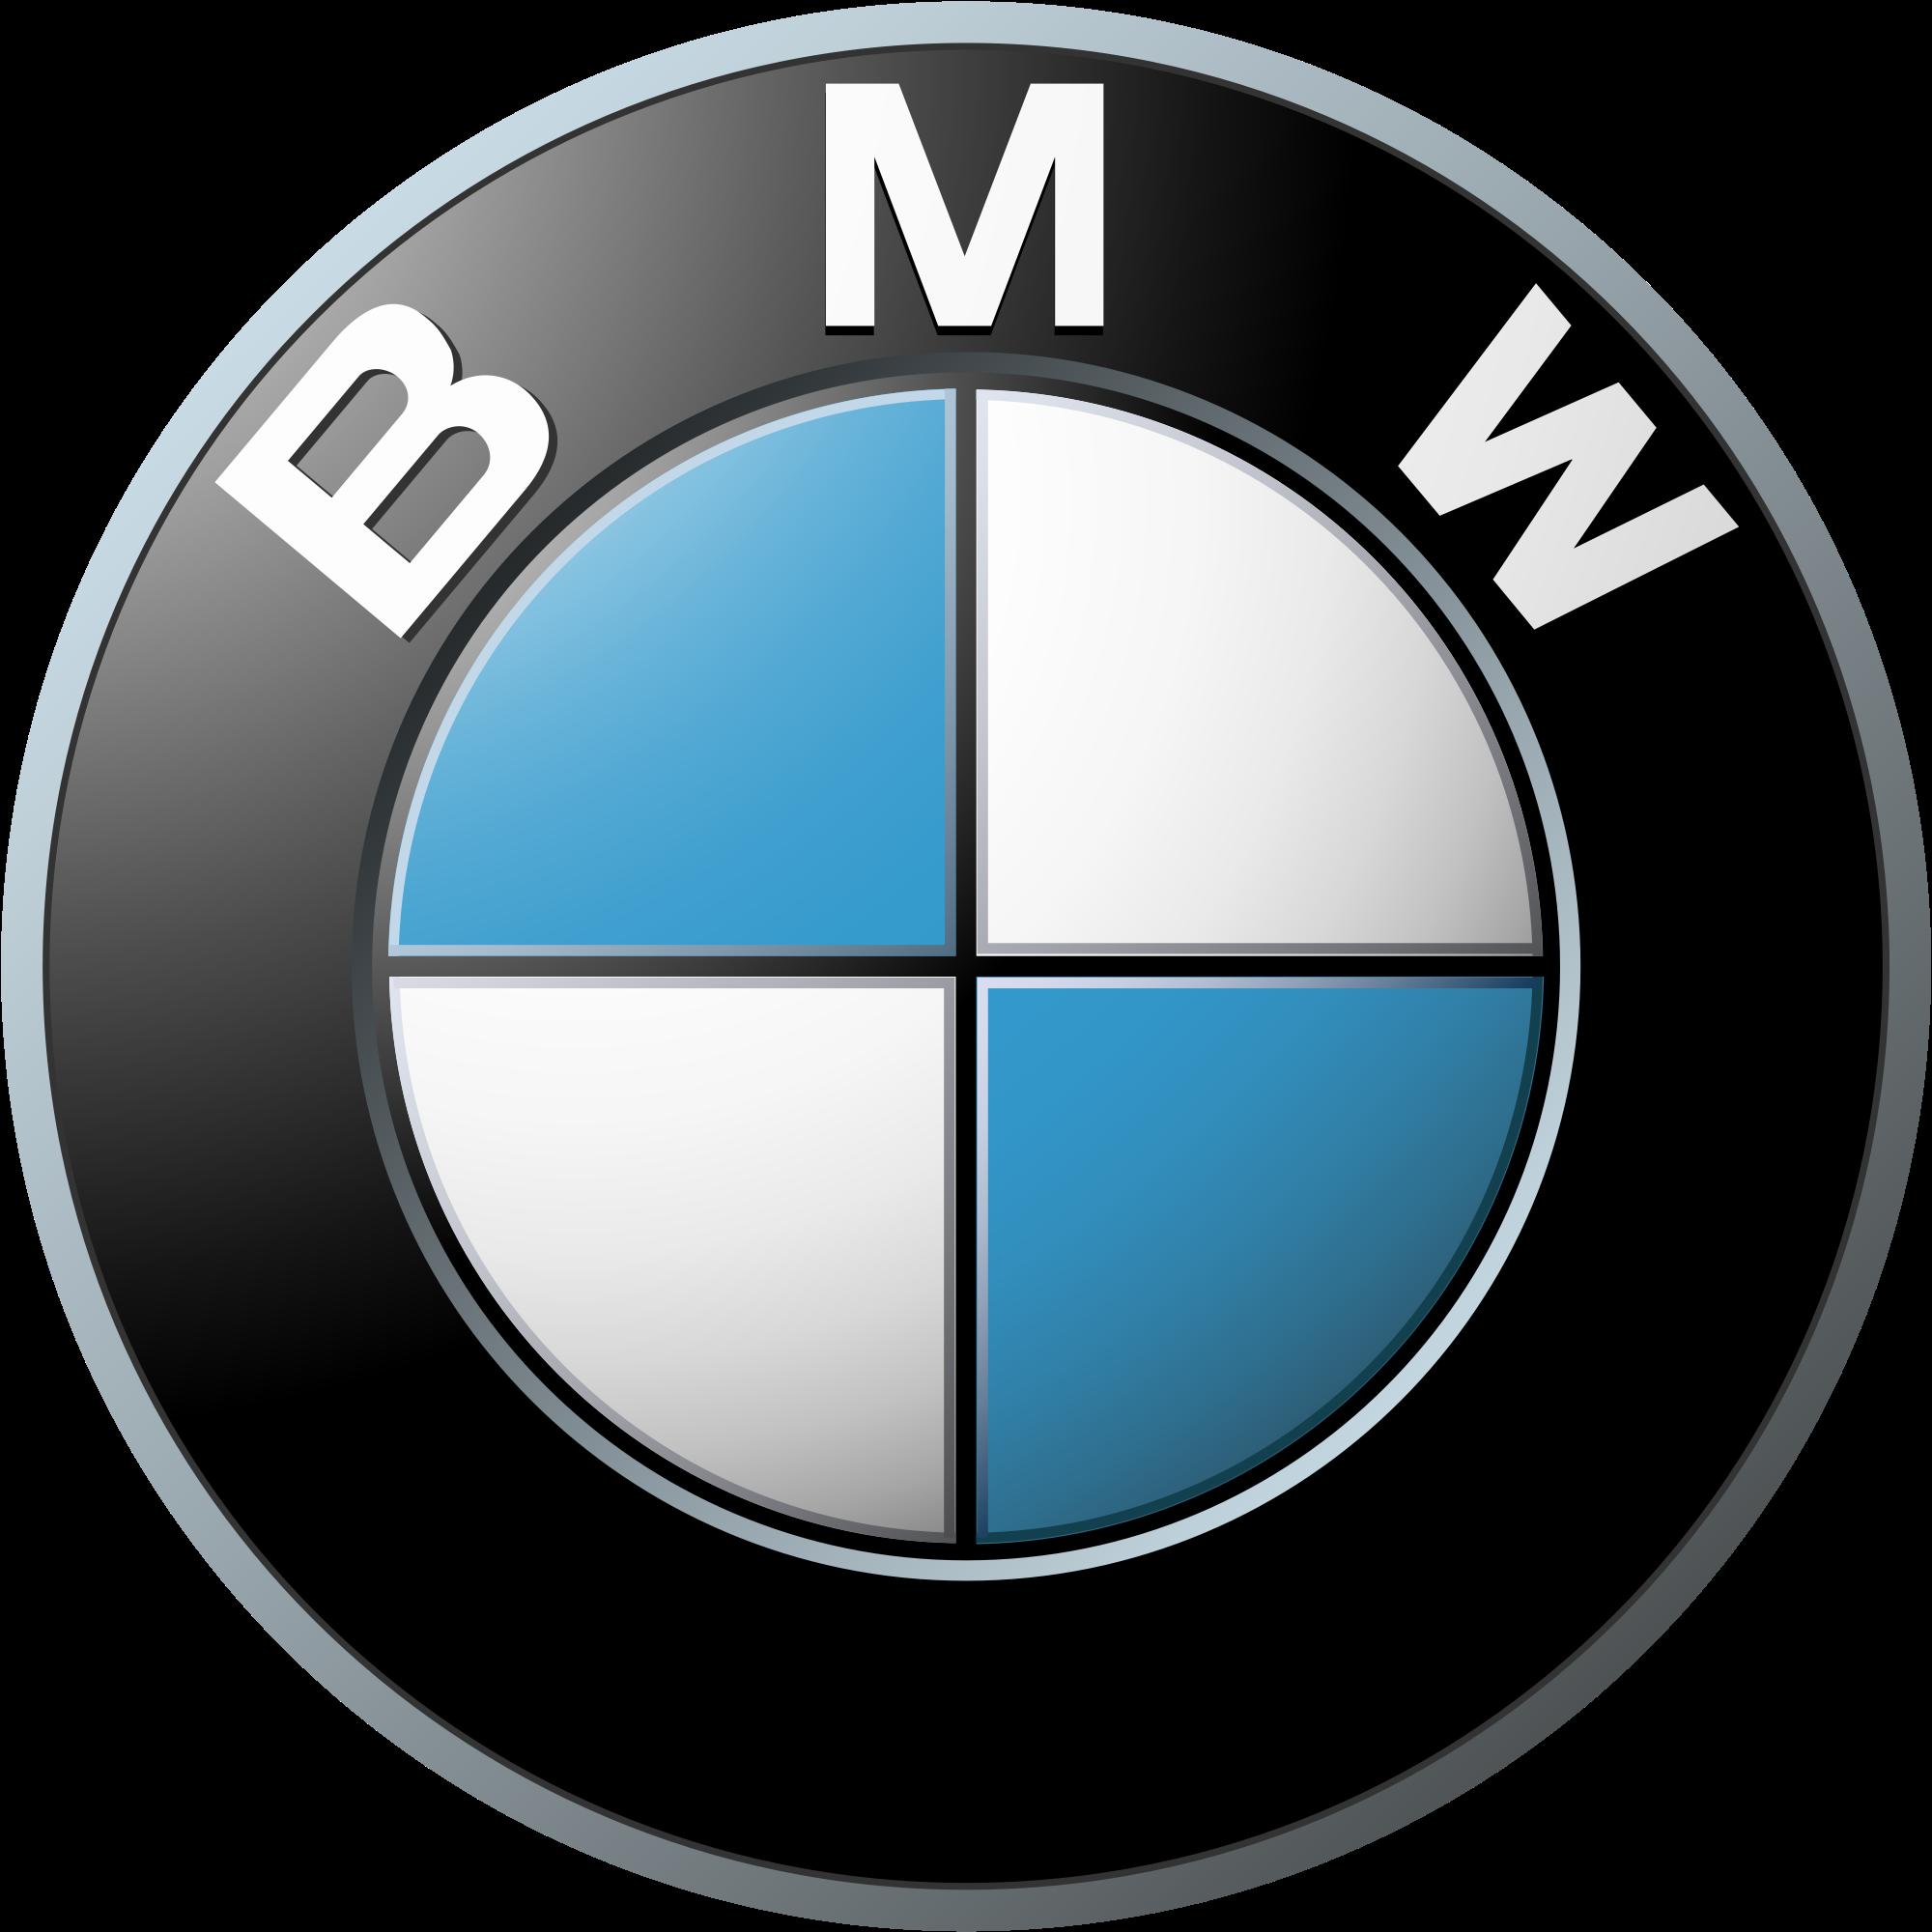 Nietypowy Okaz BMW – Kapral-Car – złomowanie / skup aut / wynajem / sieć QW13